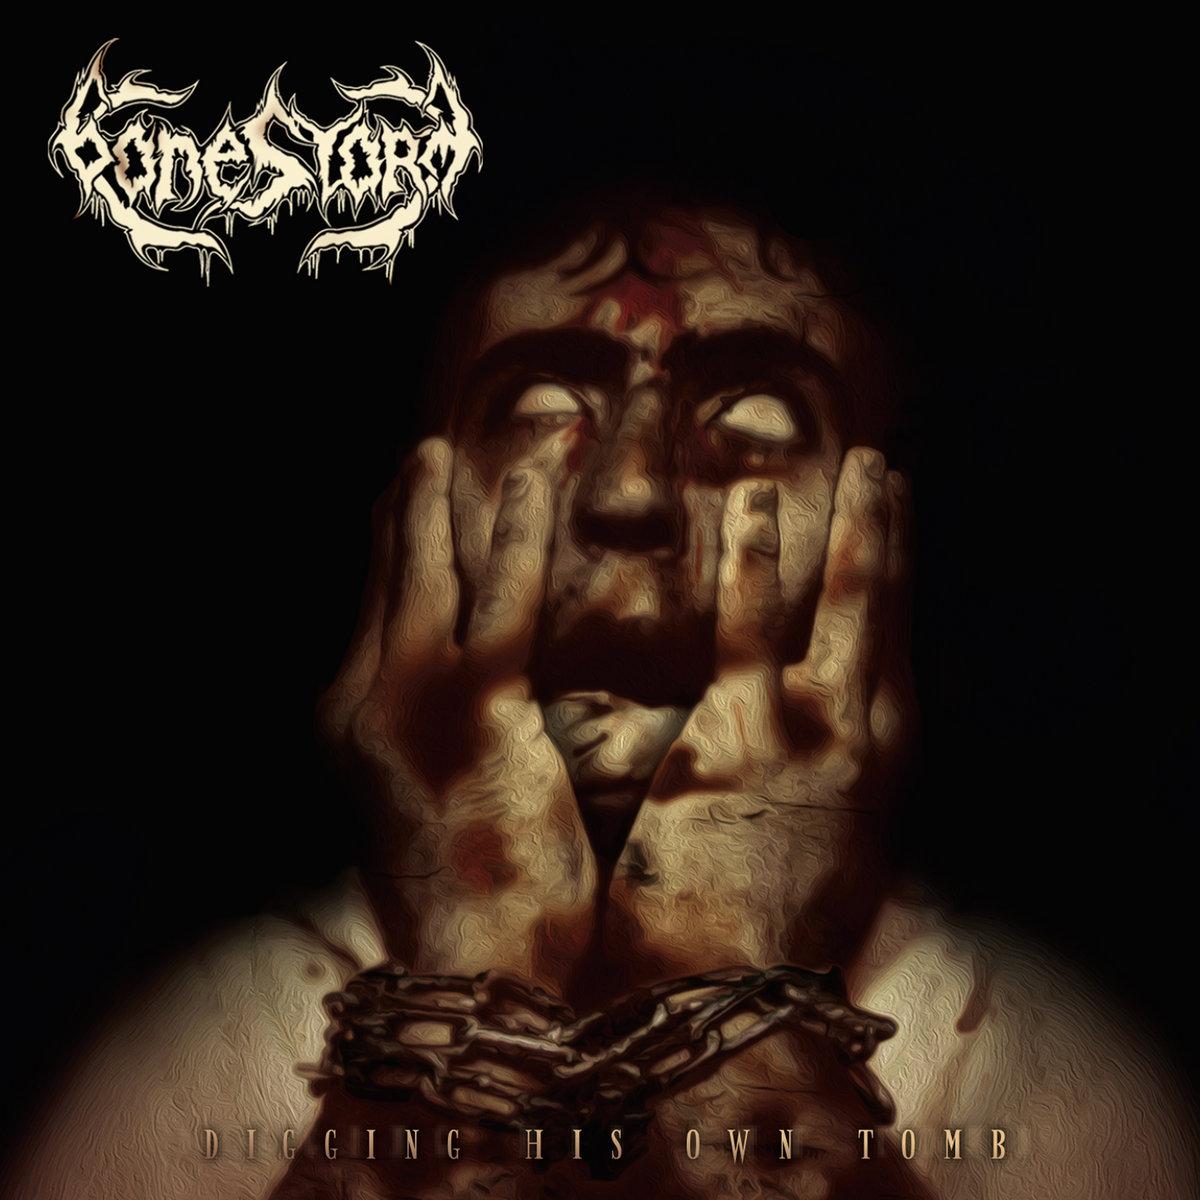 Bonestorm - Digging His Own Tomb